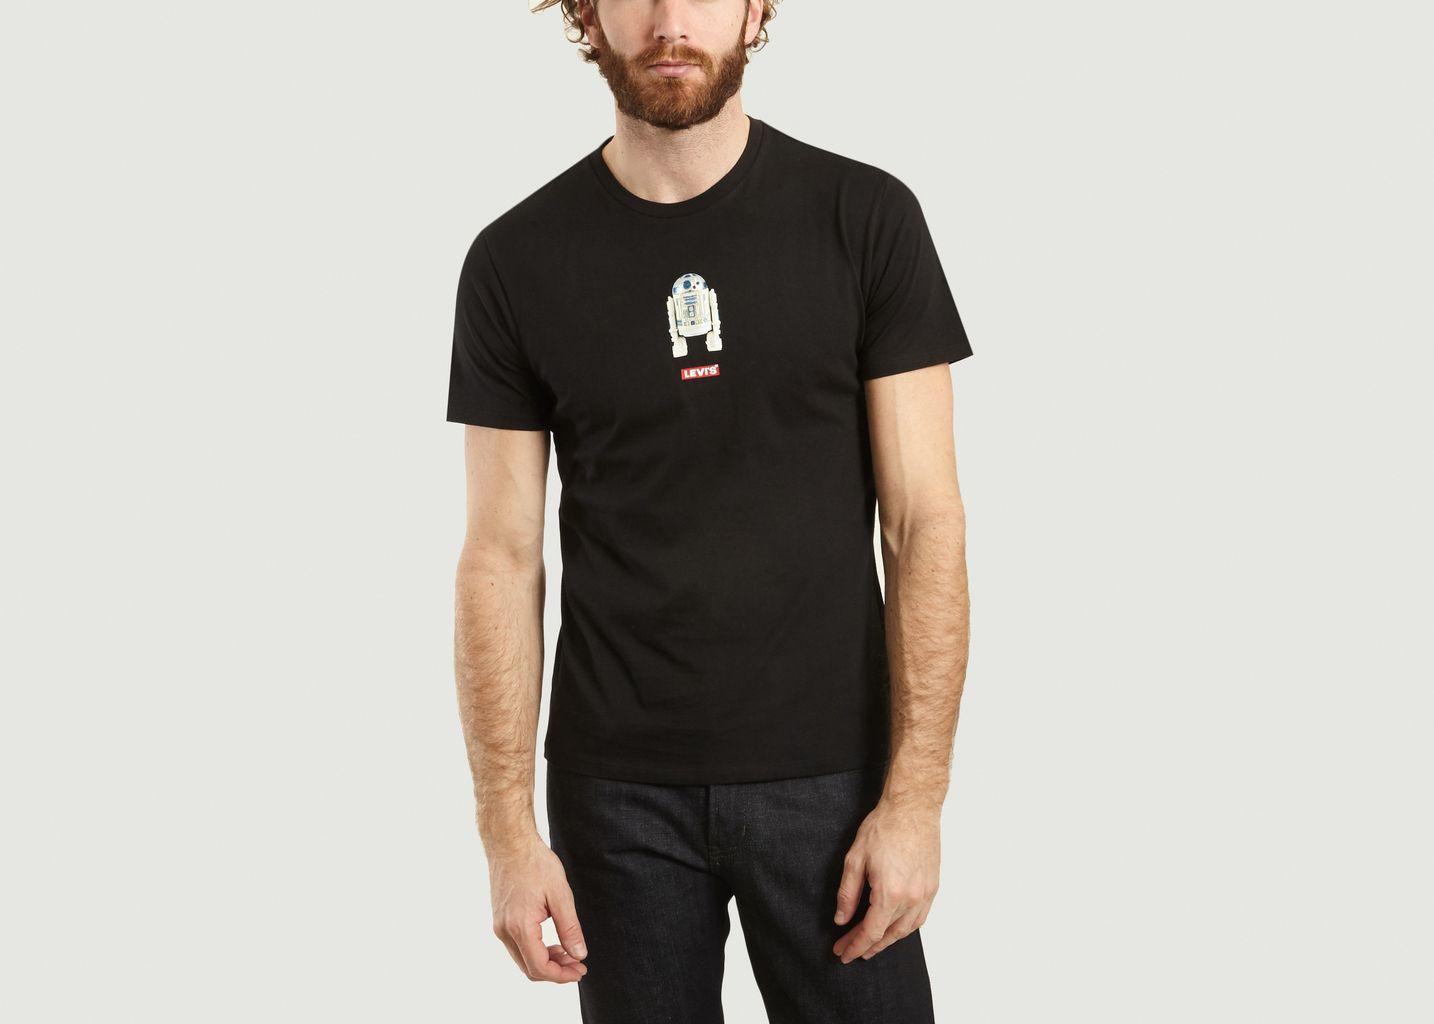 T-Shirt Levi's x Star Wars R2-D2 - Levi's Red Tab